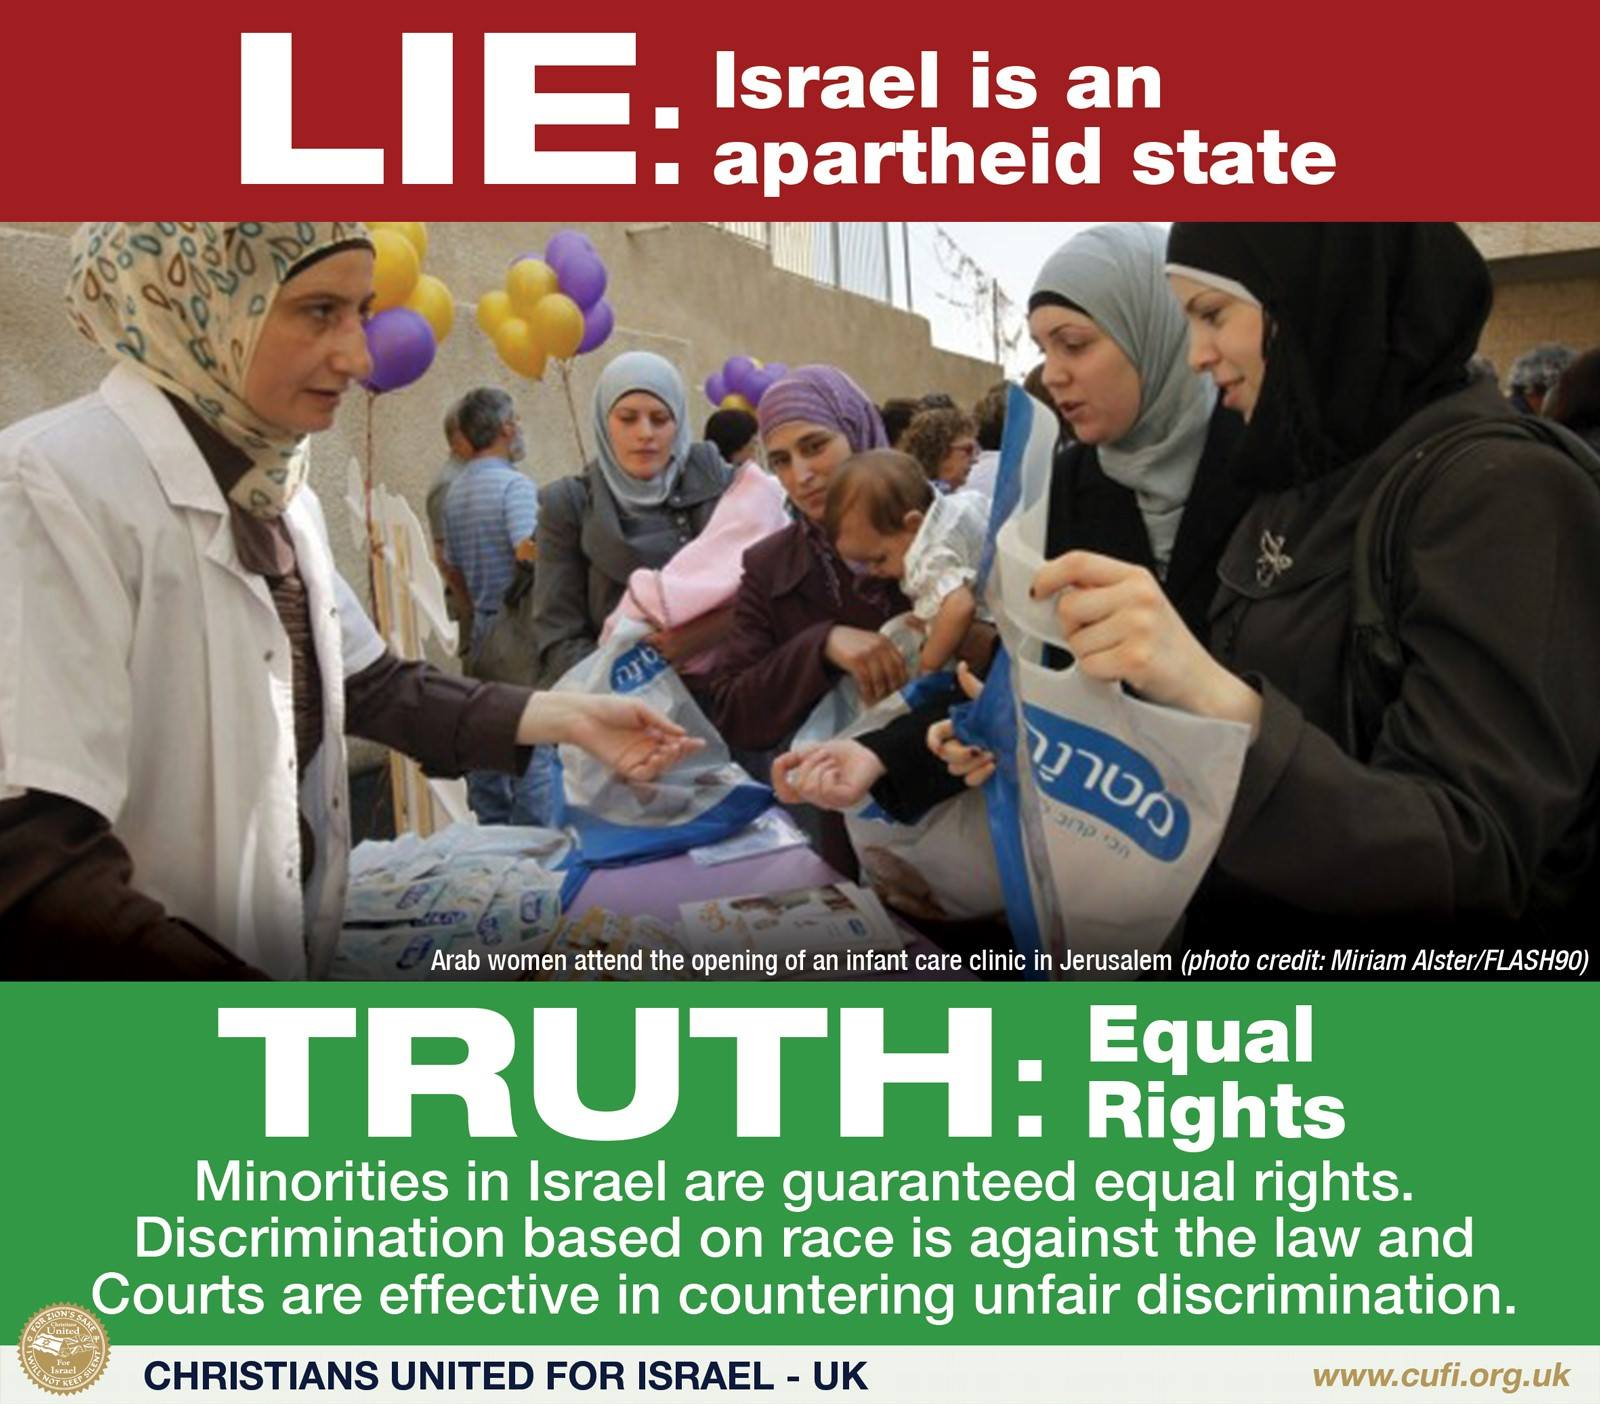 Israel is not apartheid 2